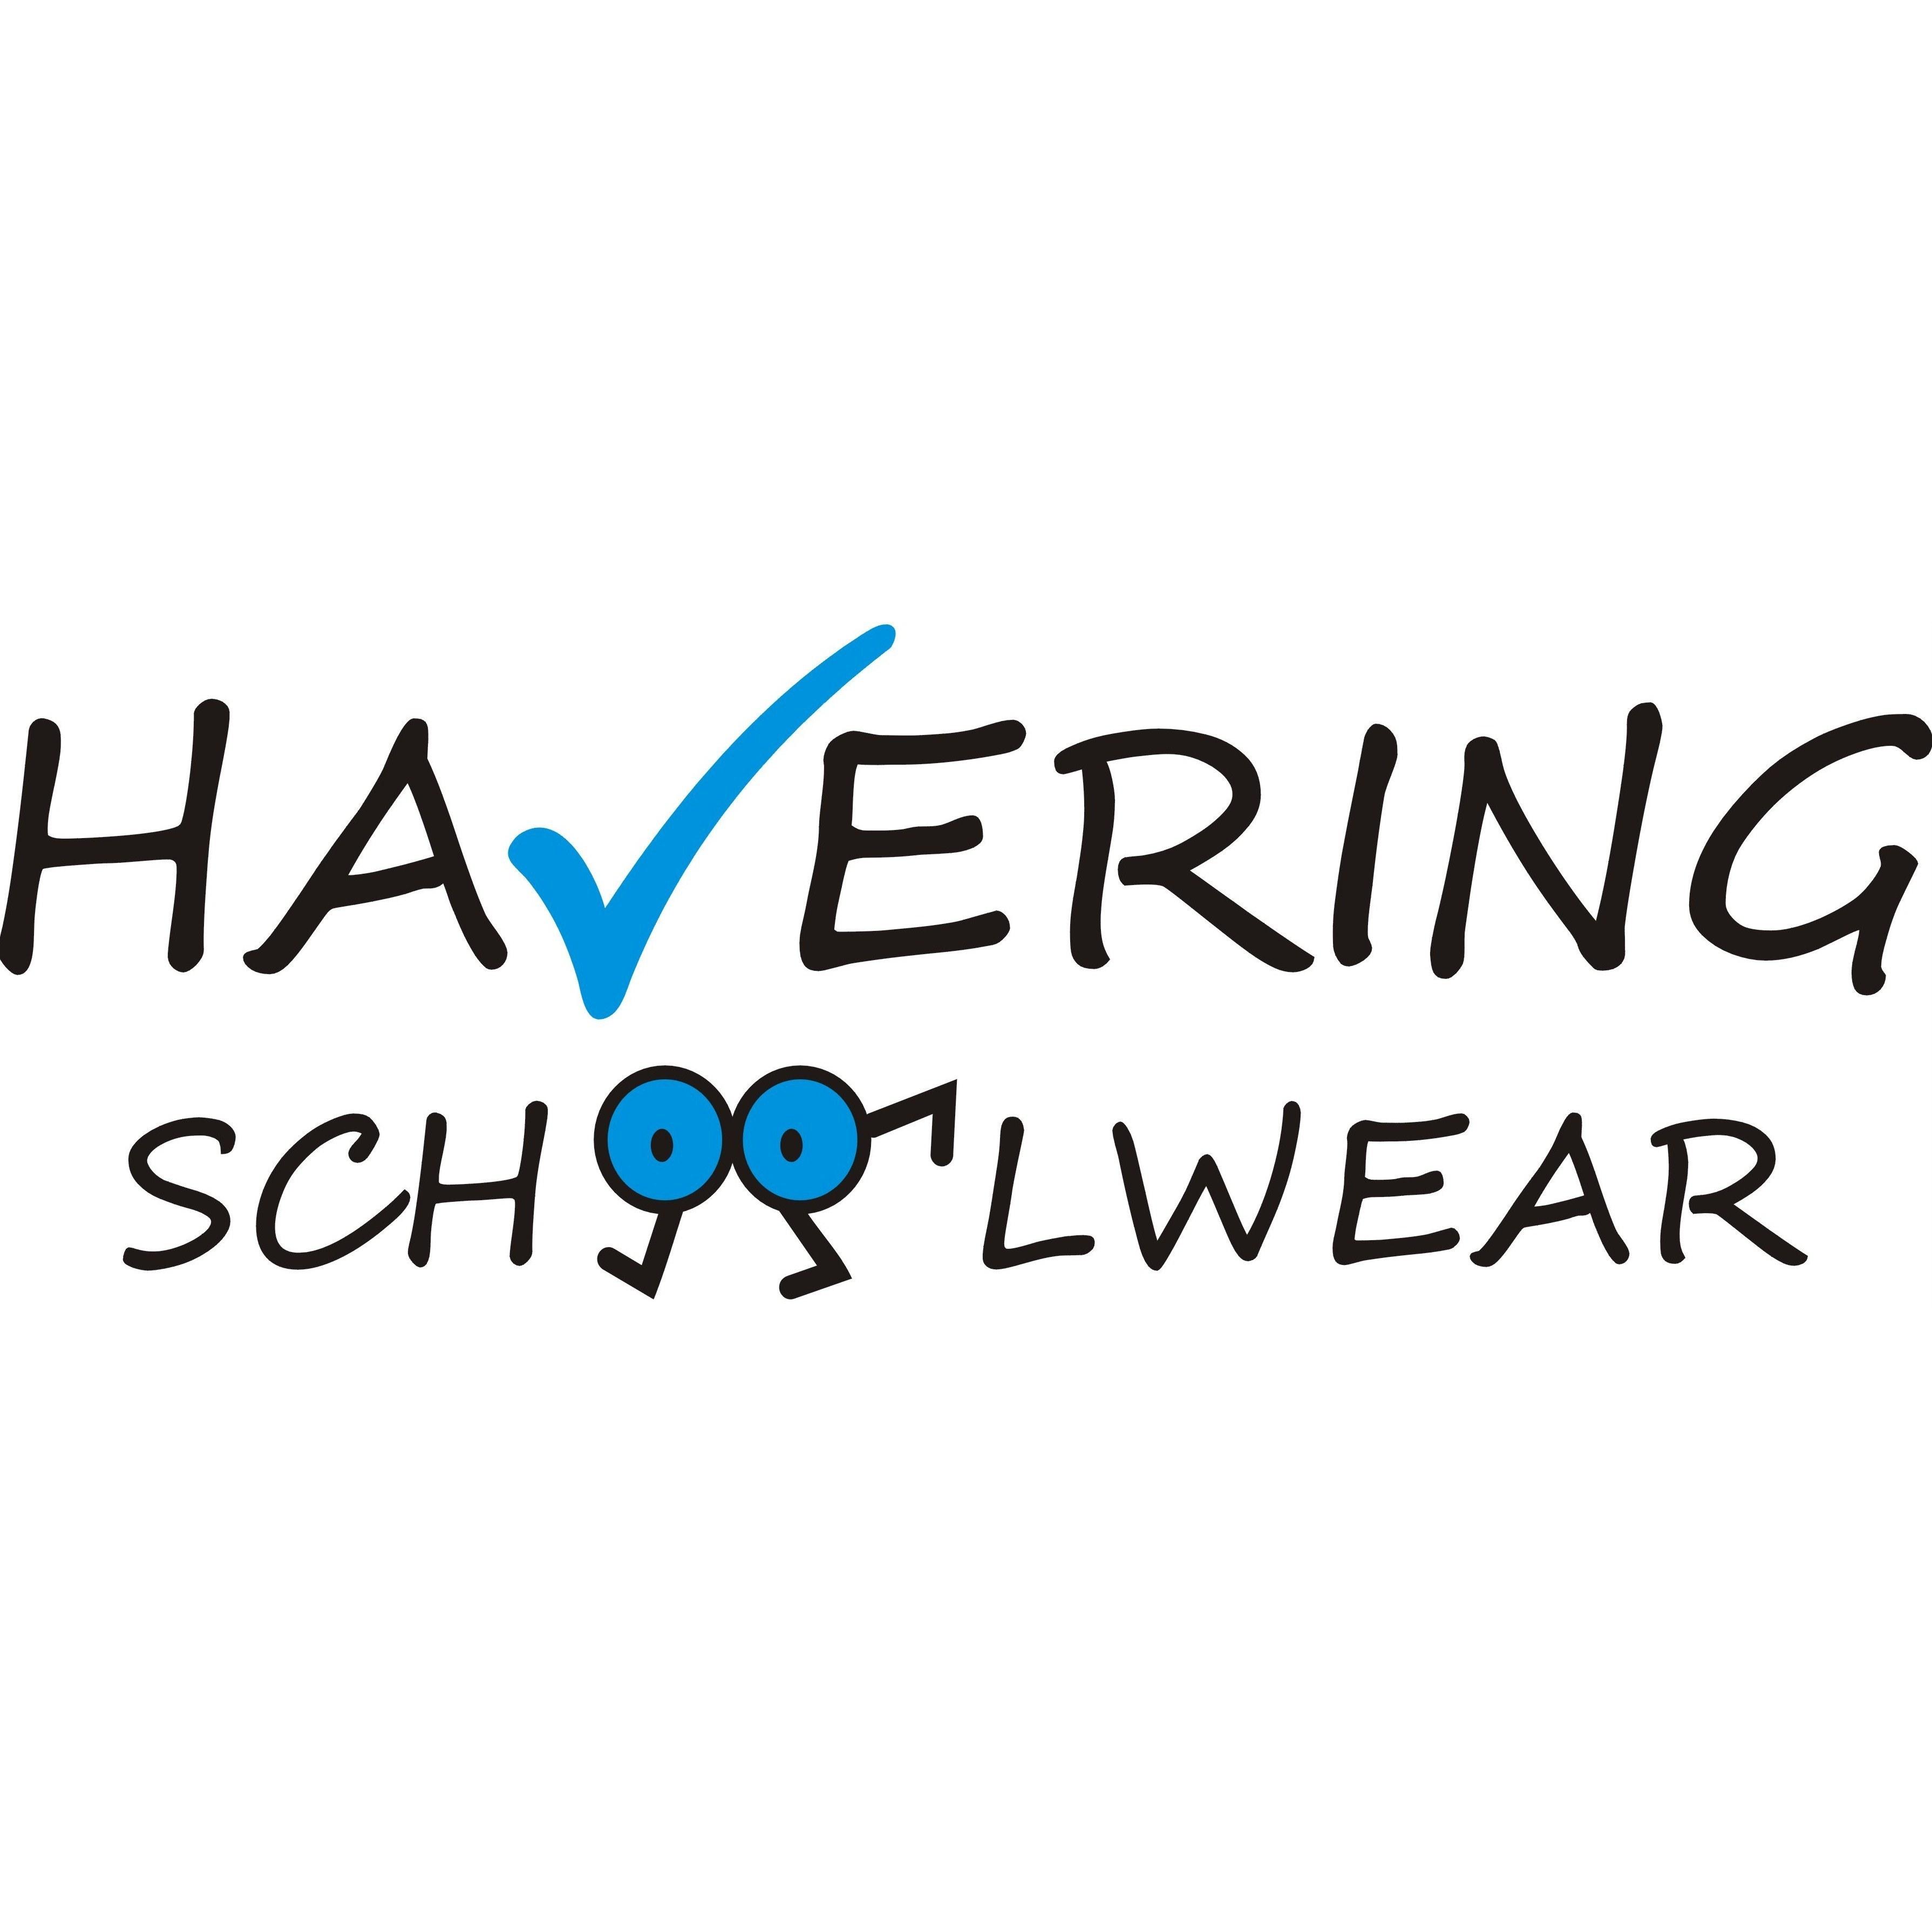 Havering Schoolwear